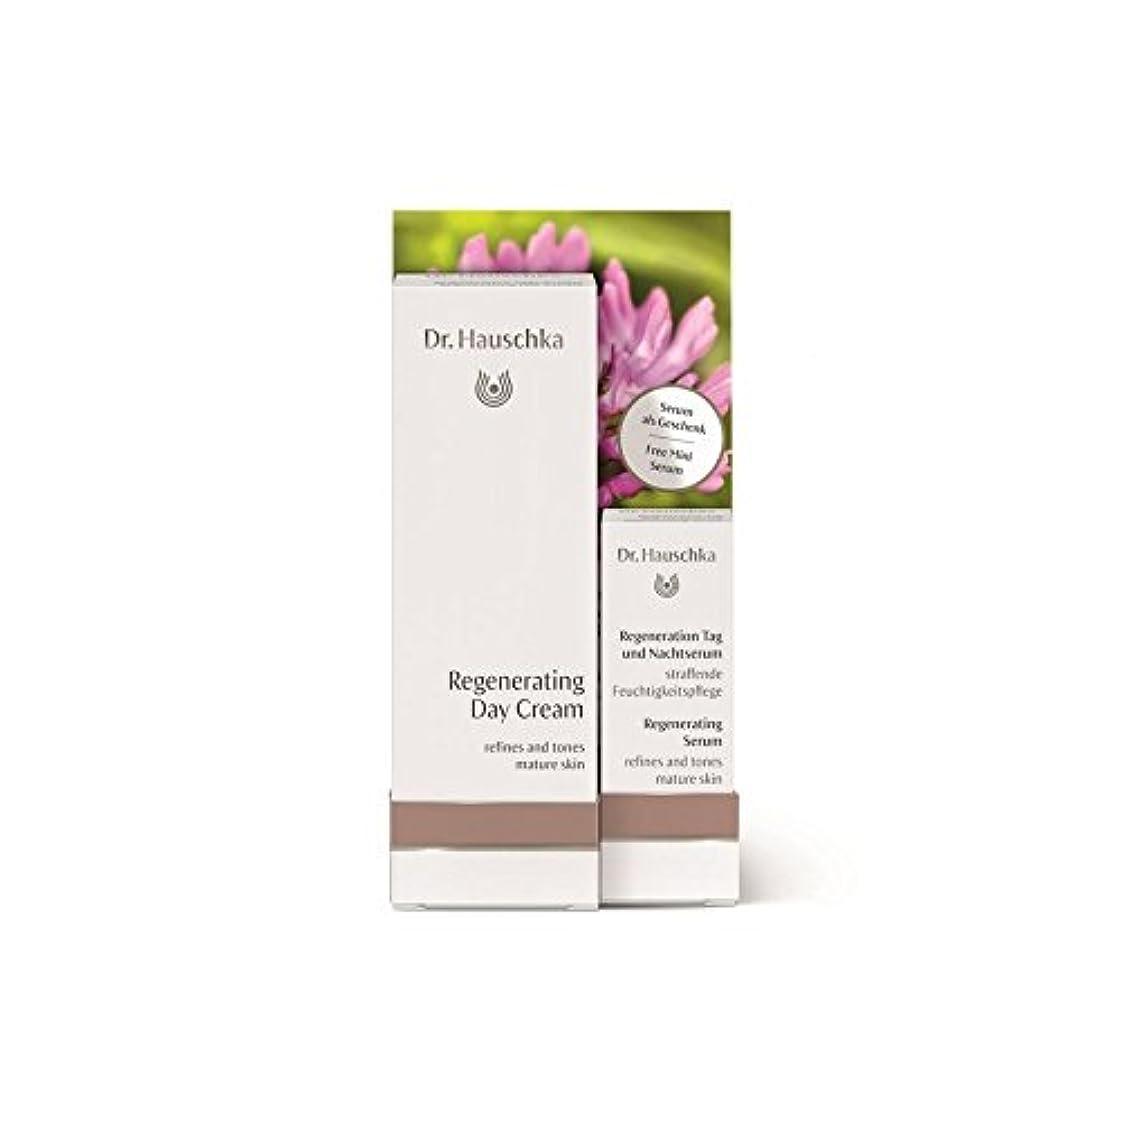 違法効果的明日無料再生血清2.5ミリリットルとハウシュカ再生デイクリーム x4 - Dr. Hauschka Regenerating Day Cream with a free Regenerating Serum 2.5ml (Pack of 4) [並行輸入品]